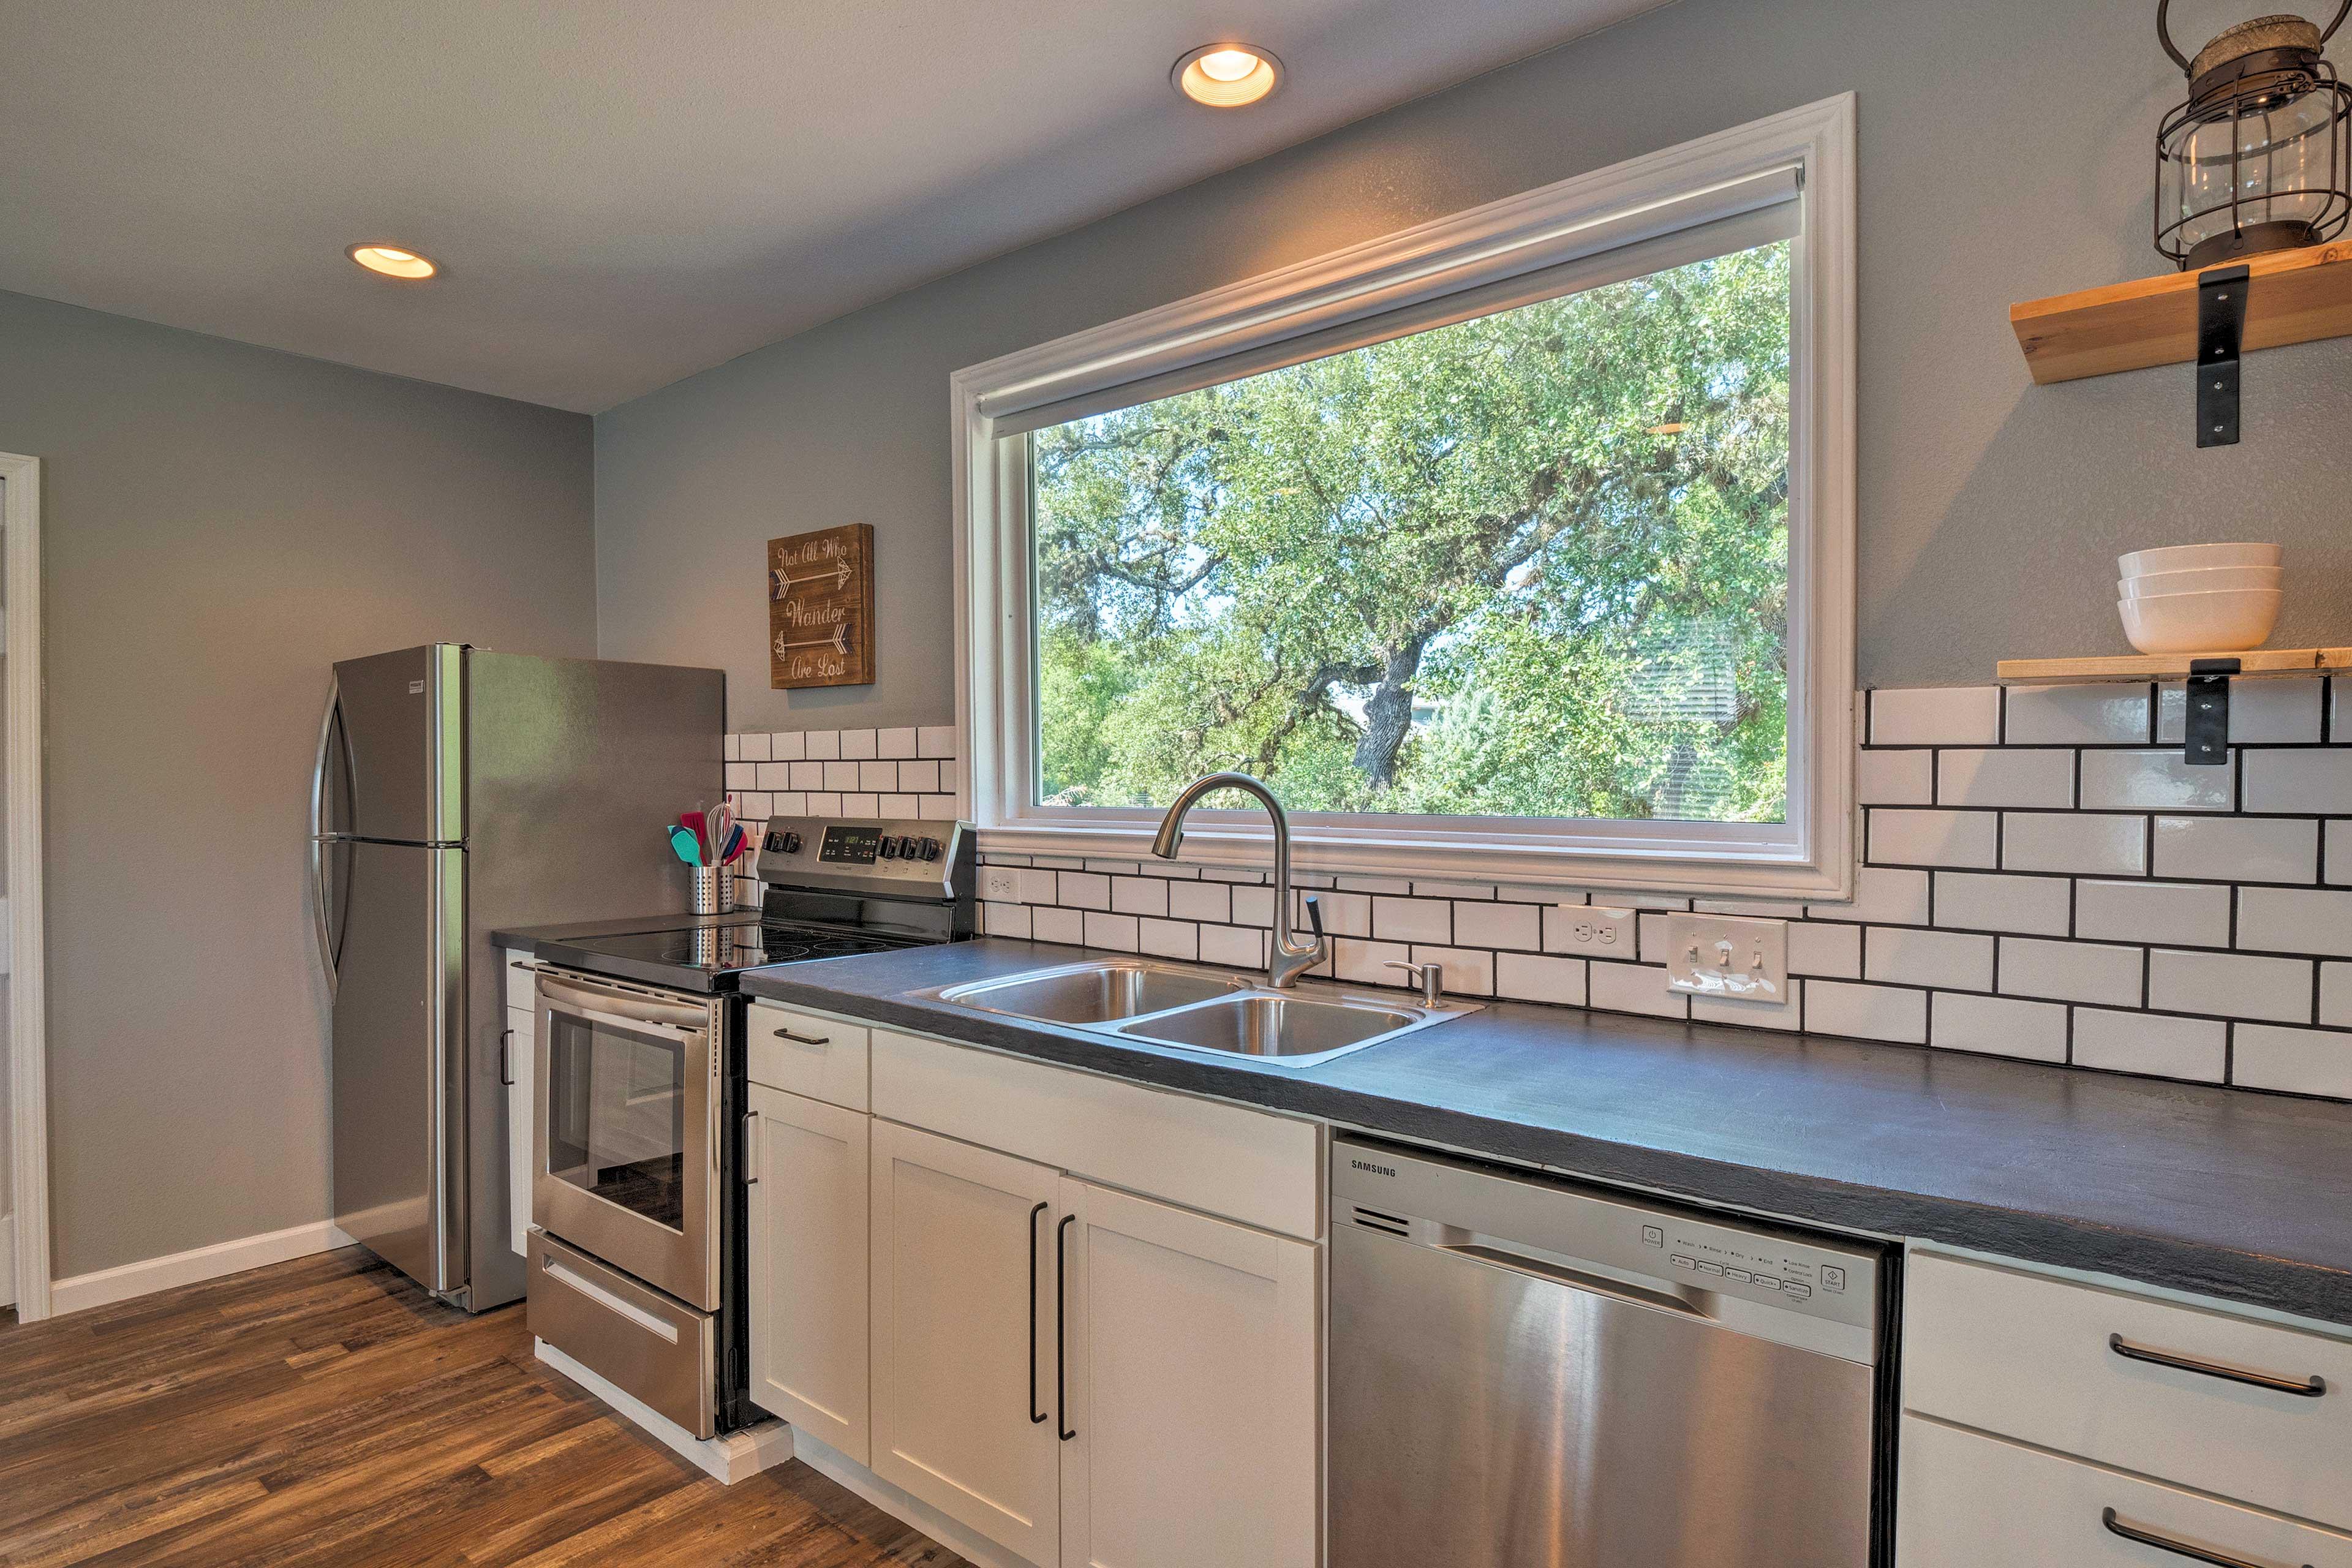 Fully Equipped Kitchen | Tile Backsplash